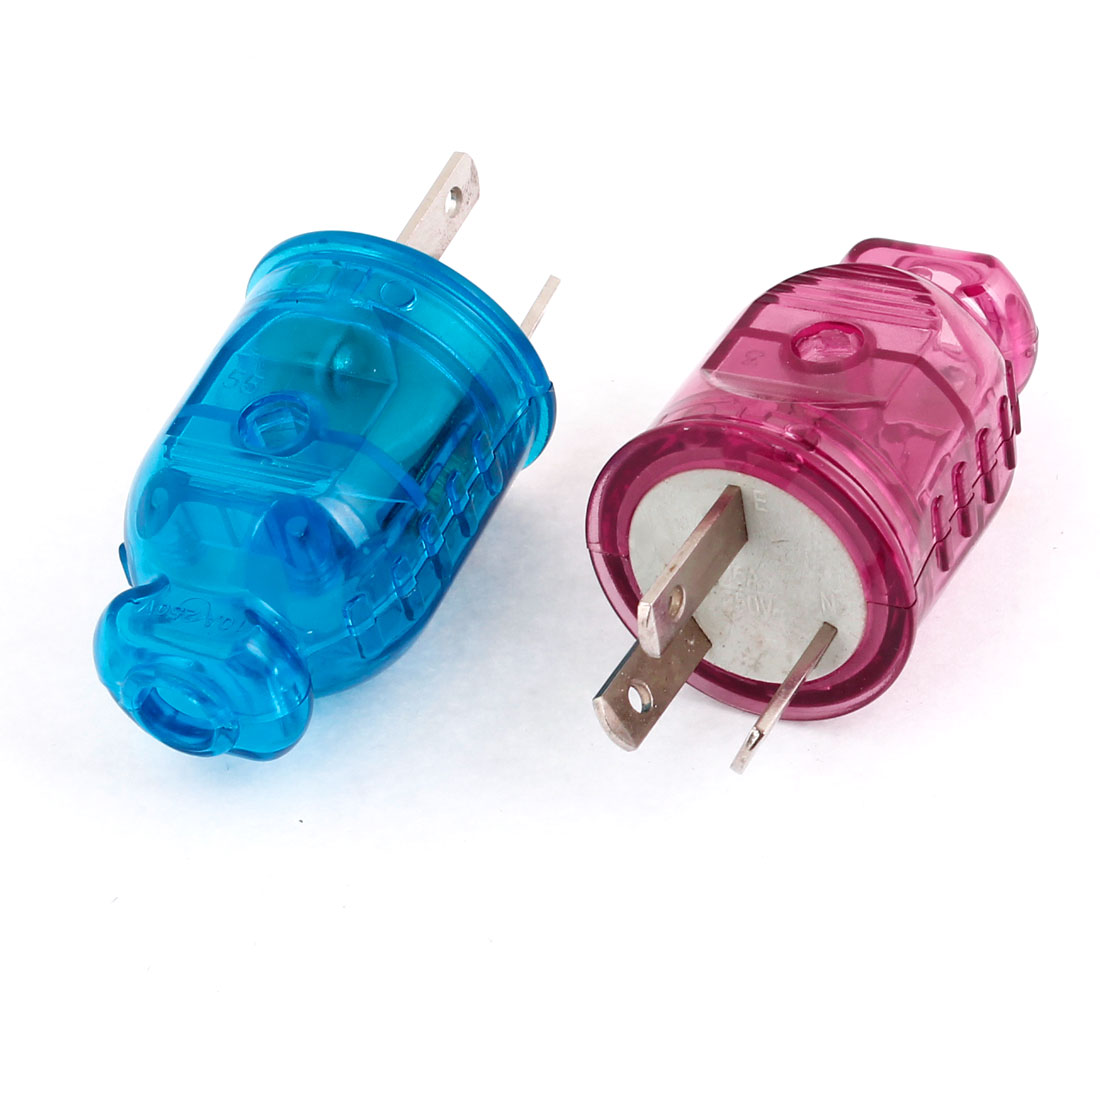 AU Plug AC 250V 10A 3 Terminals Rewirable Power Connector Head Blue Purple 2 Pcs